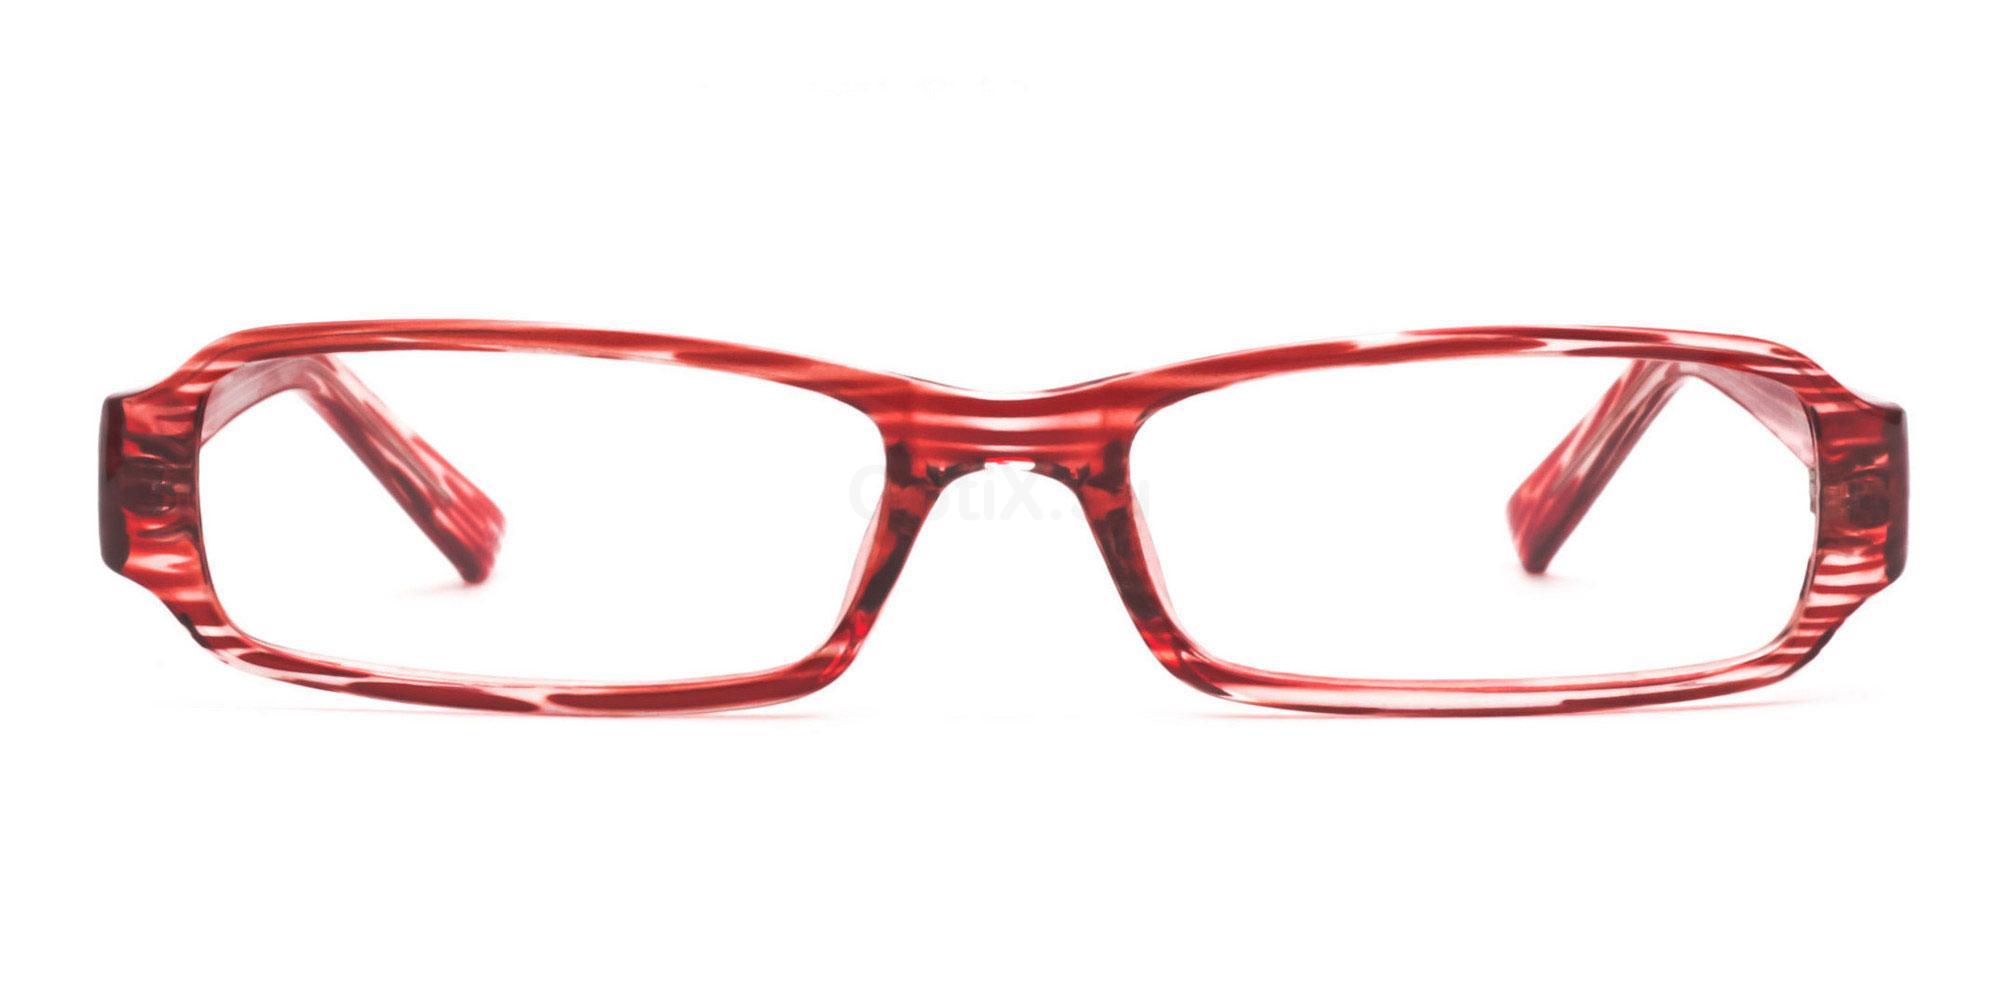 C14 Red 77088 (Red) , Savannah